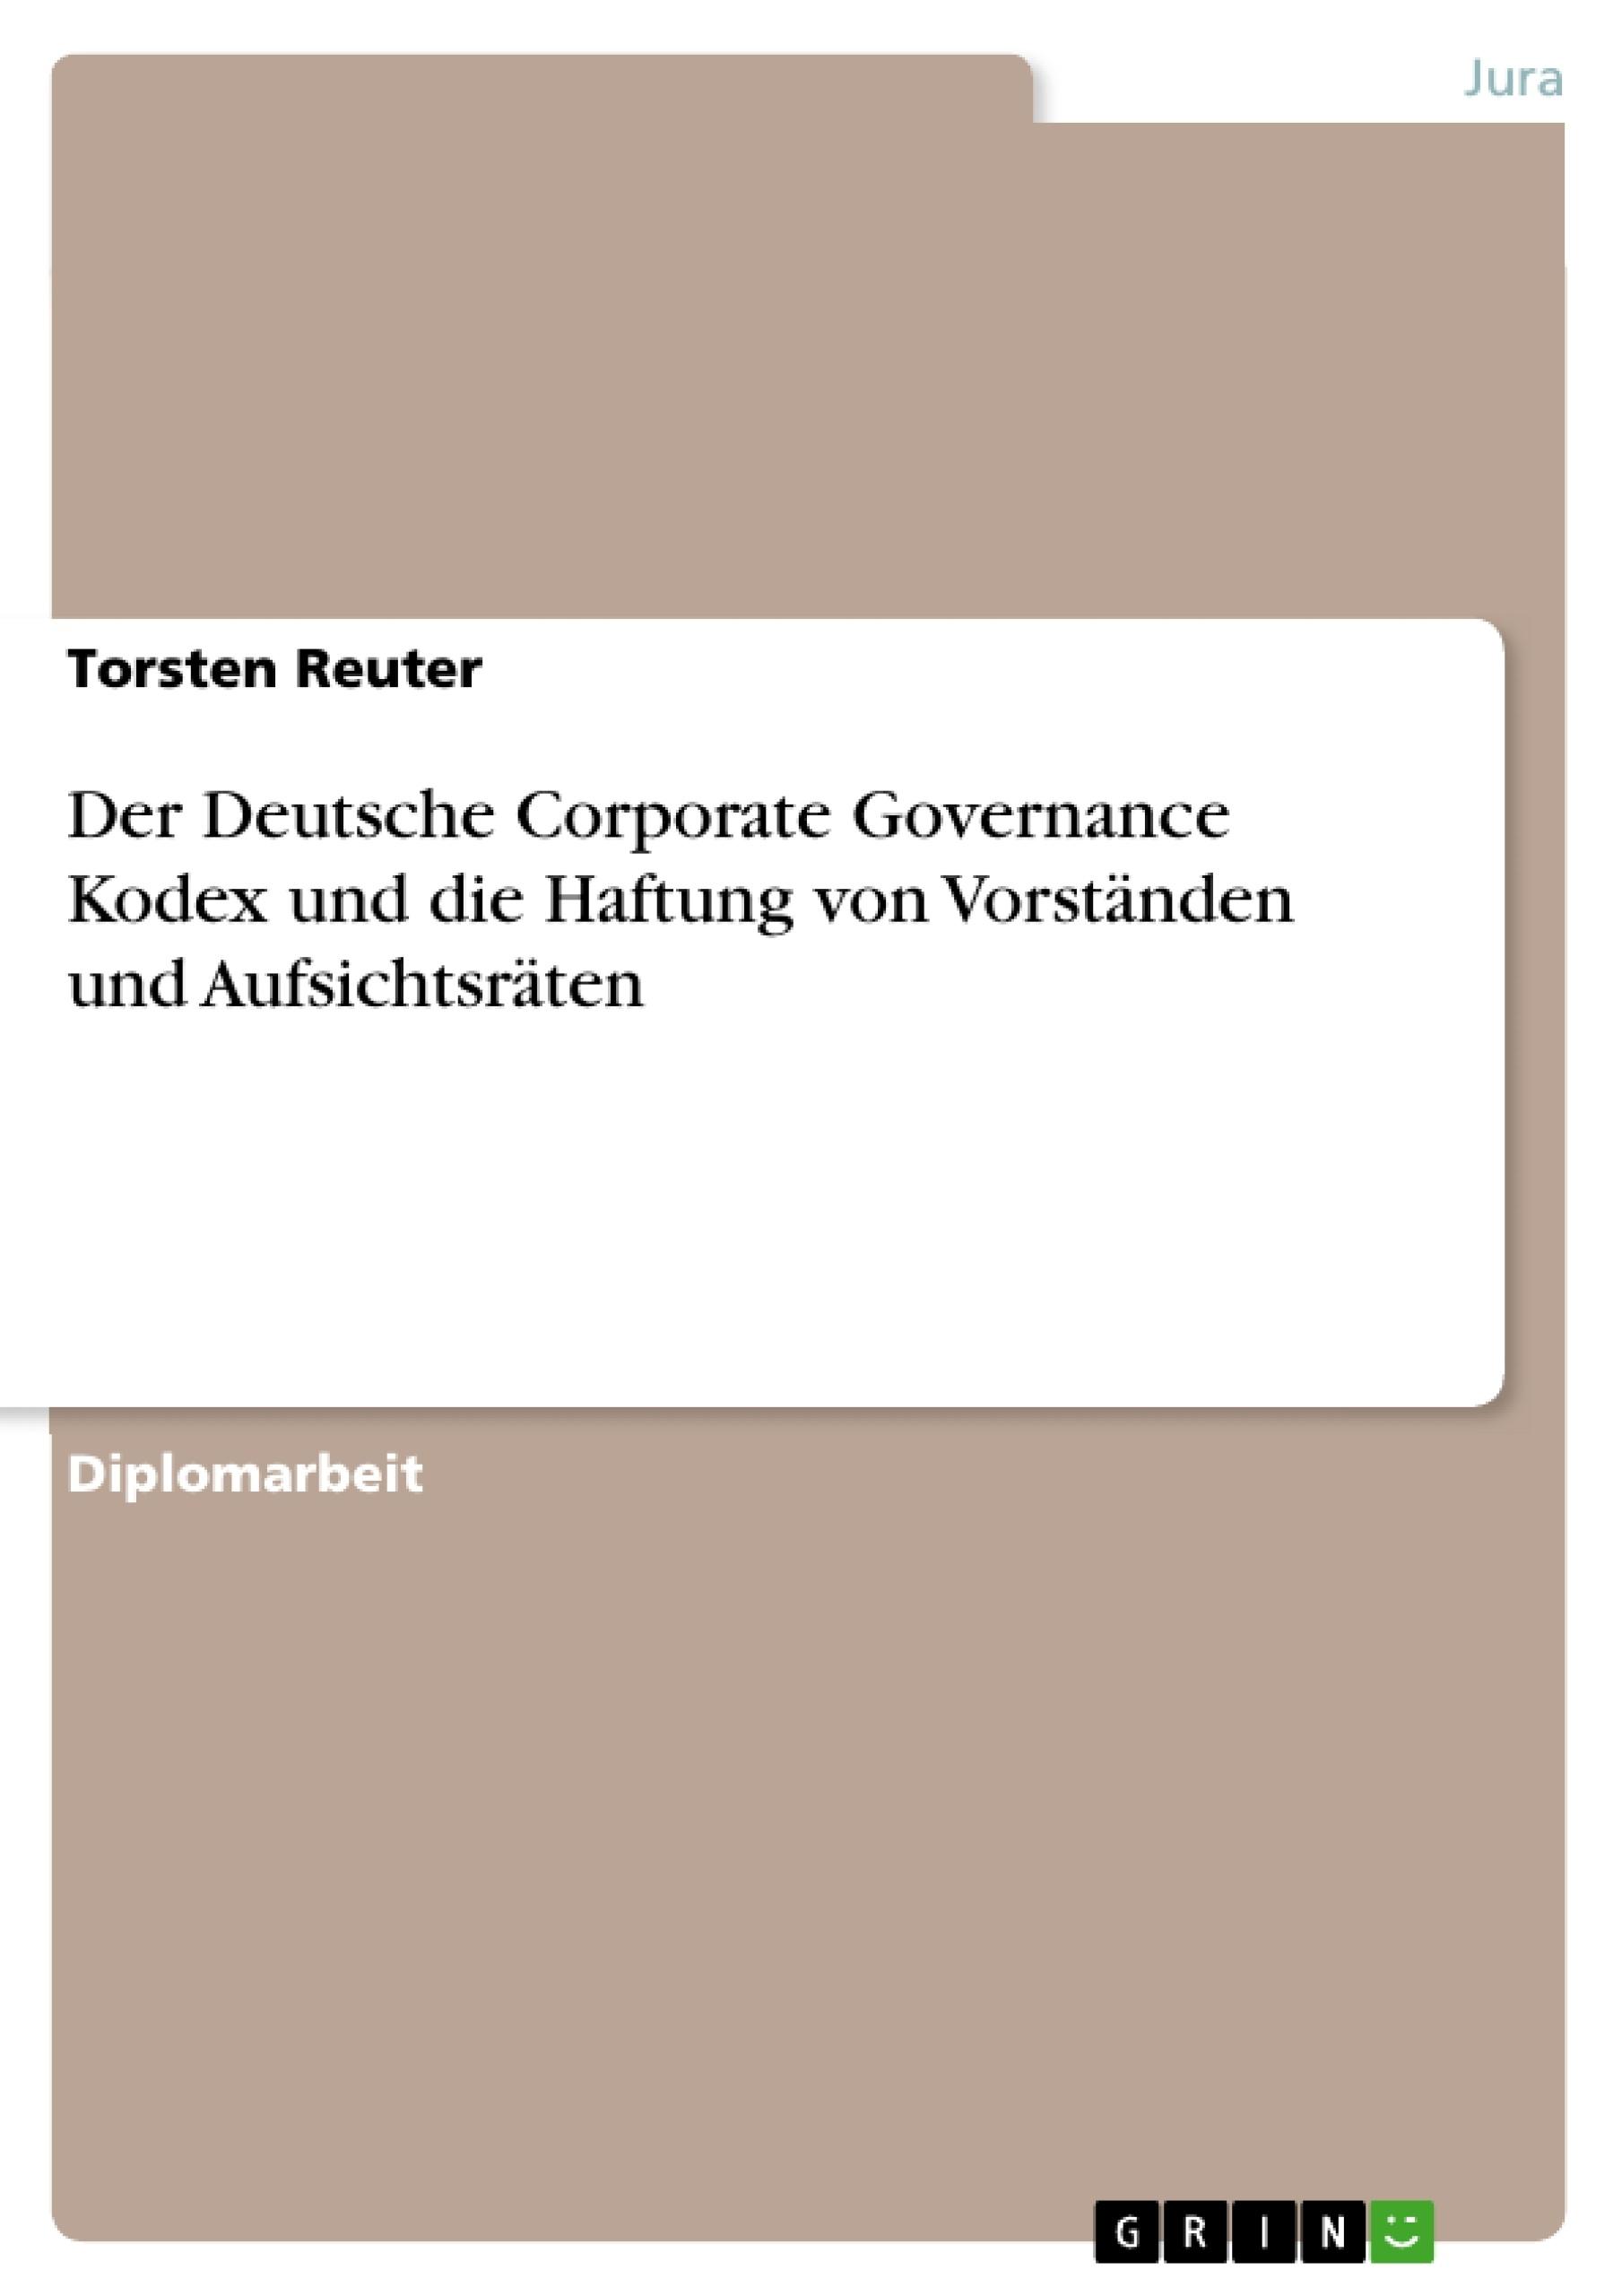 Titel: Der Deutsche Corporate Governance Kodex und die Haftung von Vorständen und Aufsichtsräten